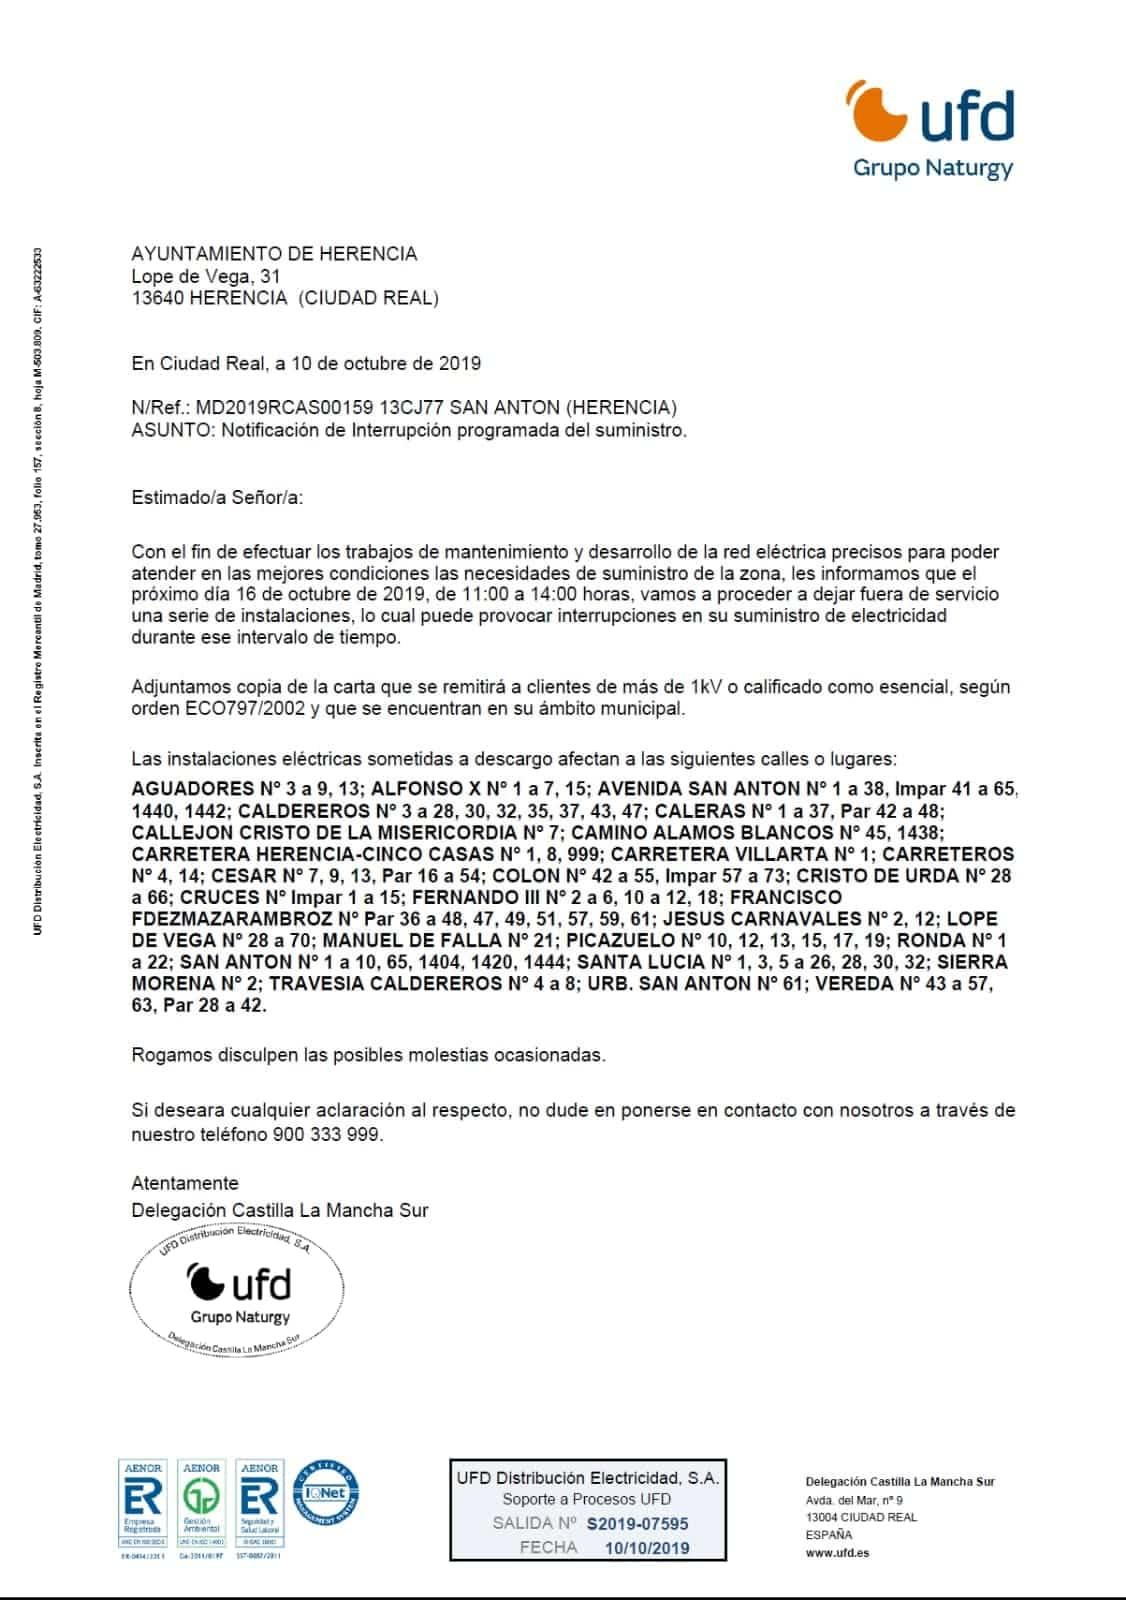 cortes de luz herencia 16 octubre 1 - Cortes de suministro eléctrico para el próximo 16 de octubre